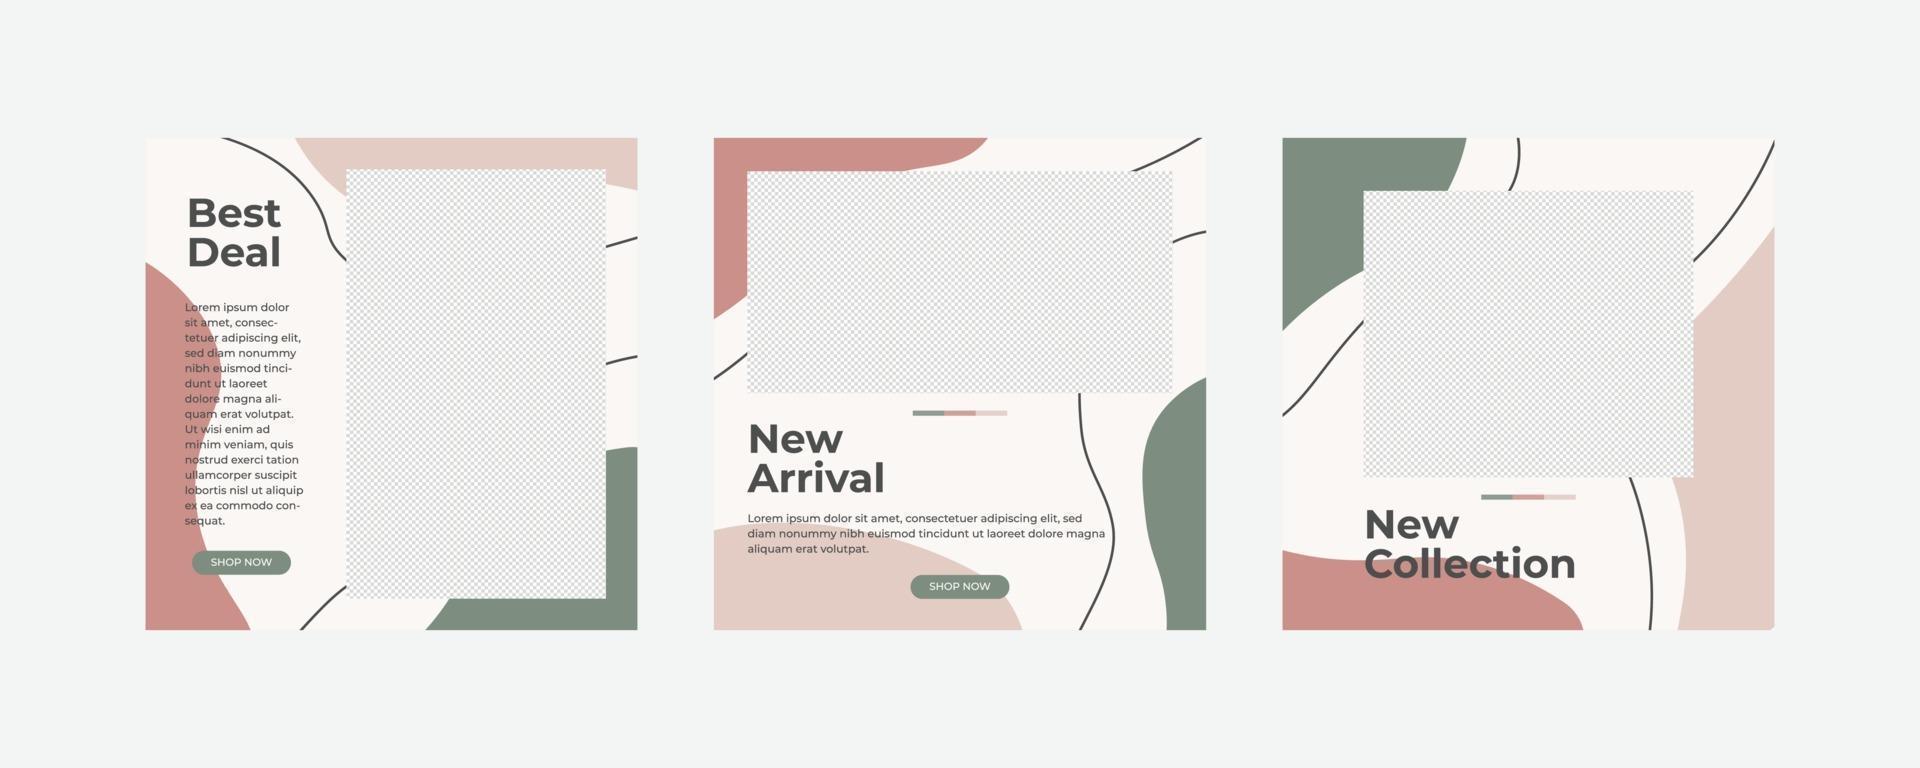 publication de médias sociaux de meubles modernes minimalistes vecteur